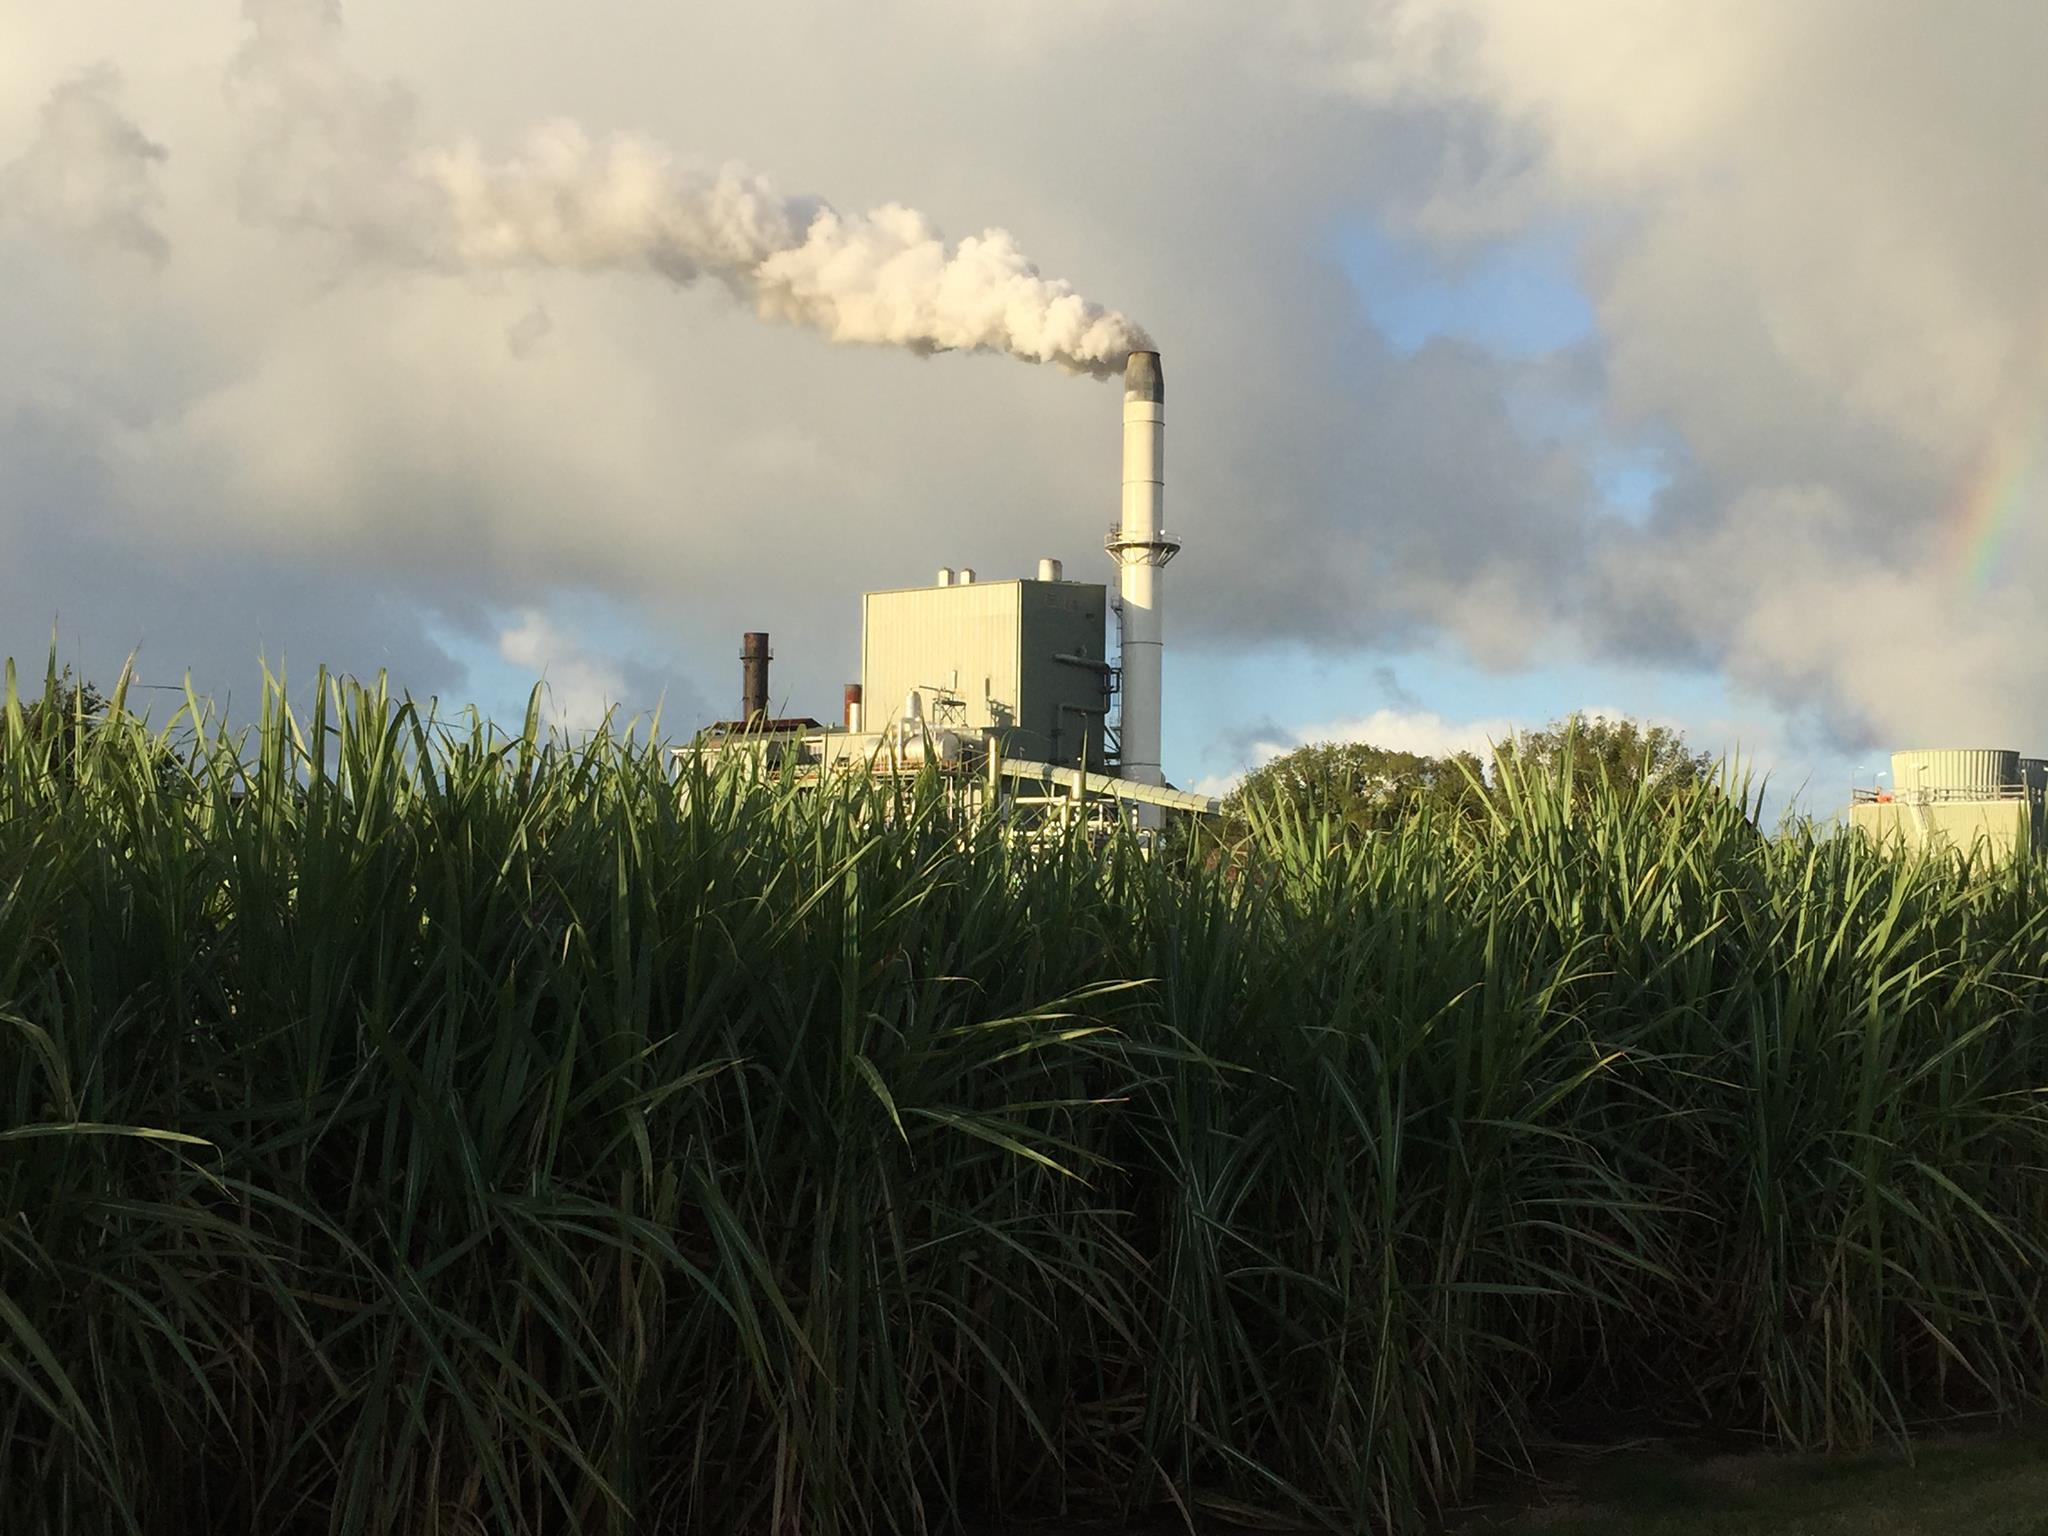 Condong Sugar Mill